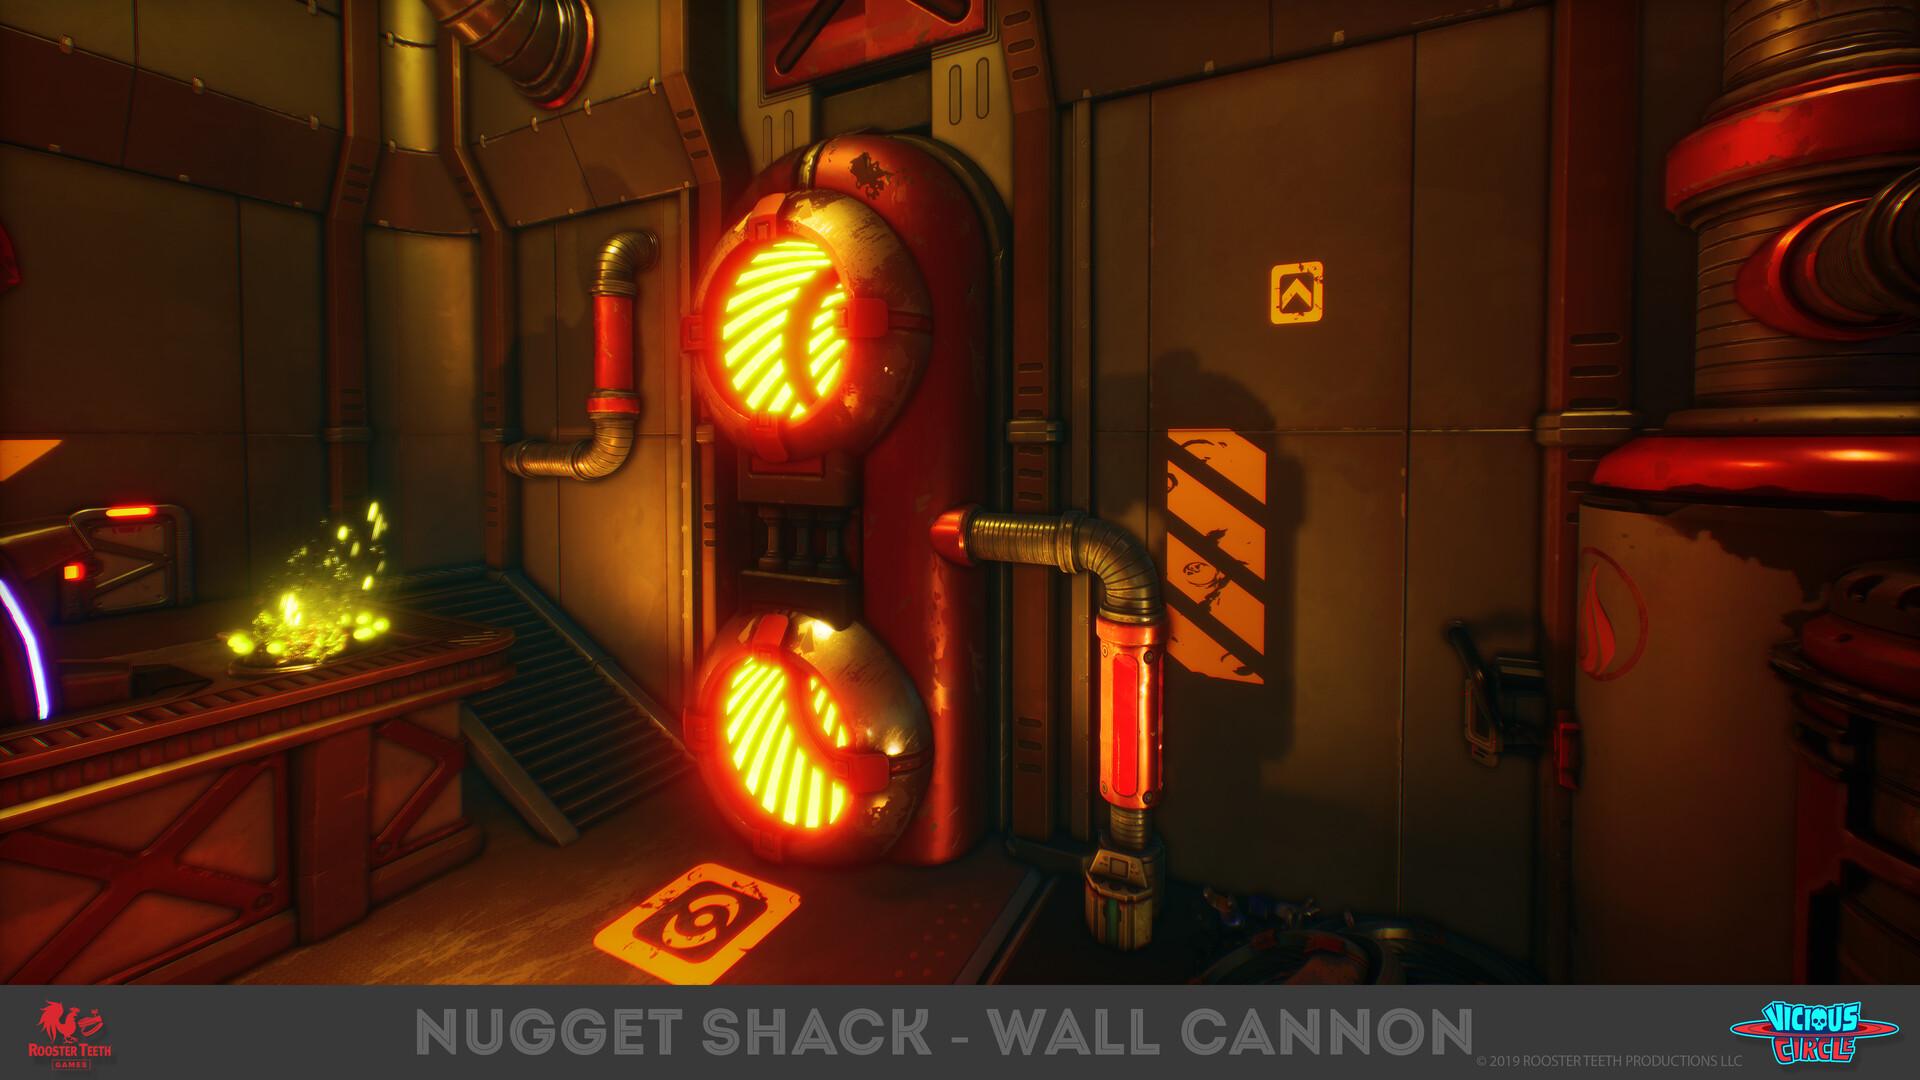 Markel milanes nuggetshack wallcannon 04